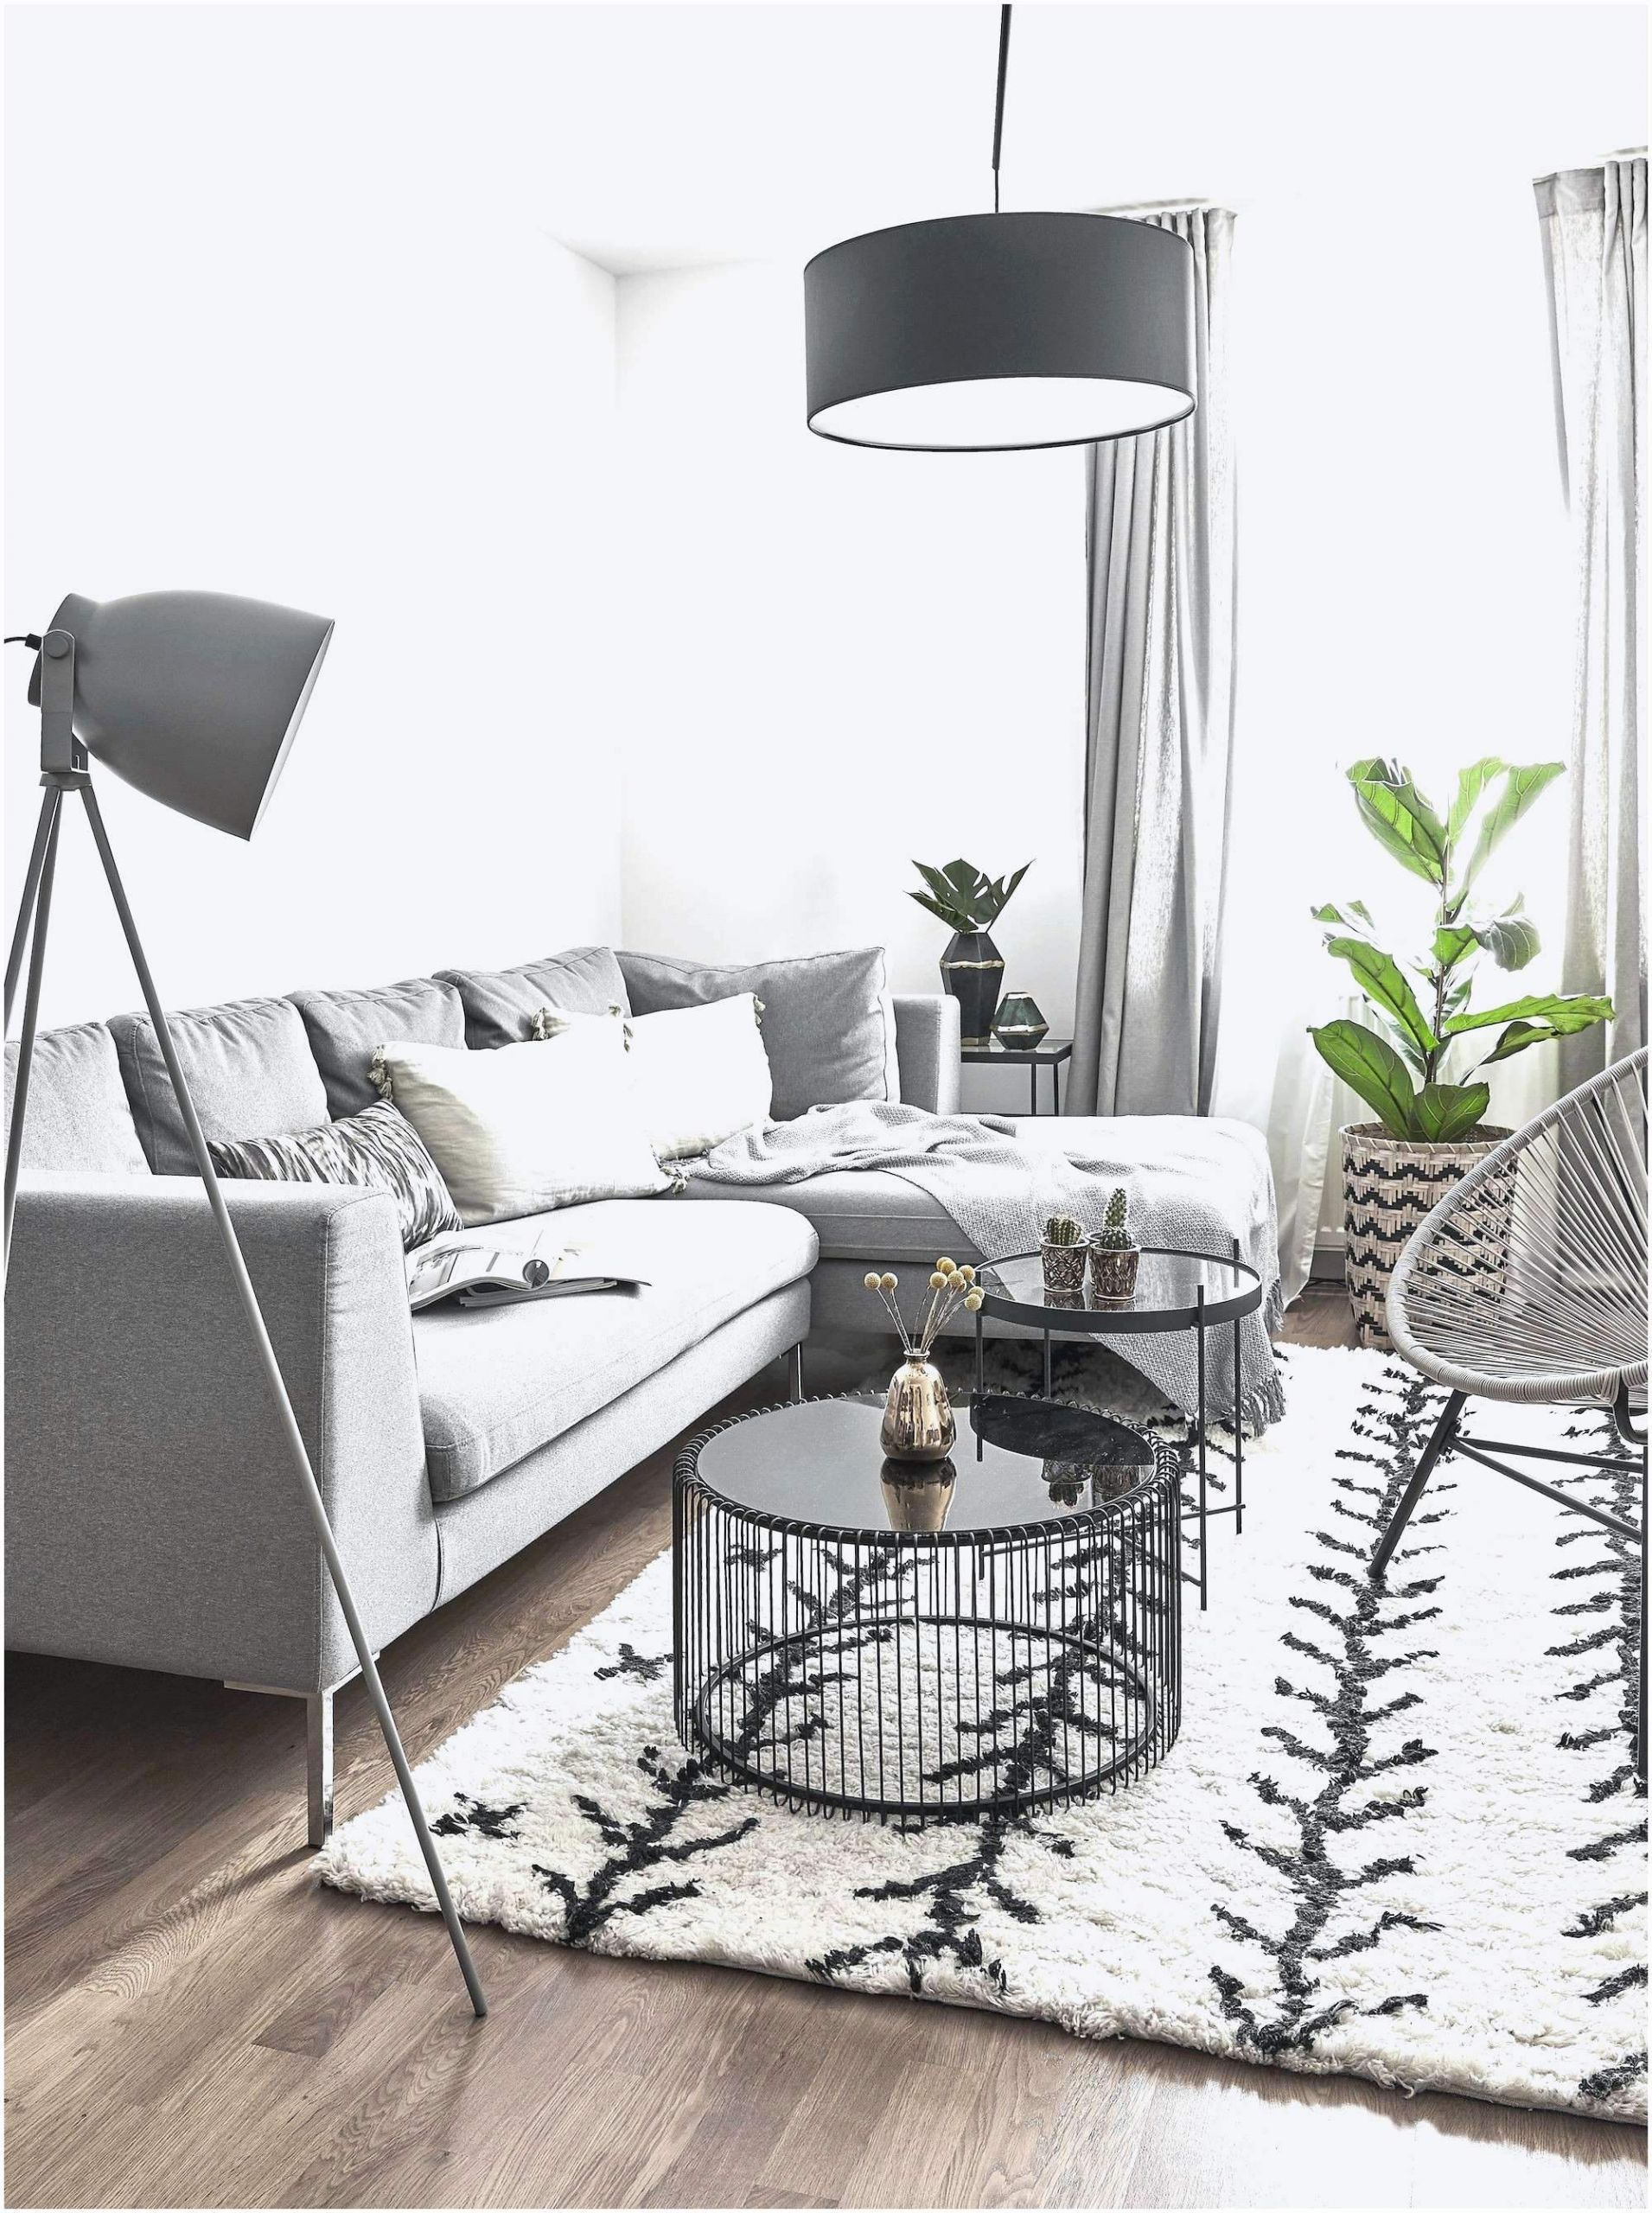 sichtschutz wohnzimmer neu fotografie bilder von balkon sichtschutz ideen of sichtschutz wohnzimmer